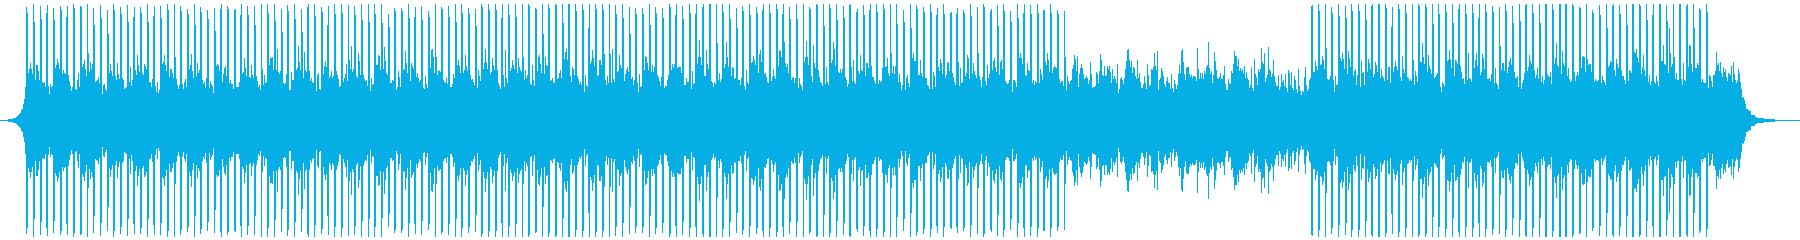 作品の再生済みの波形